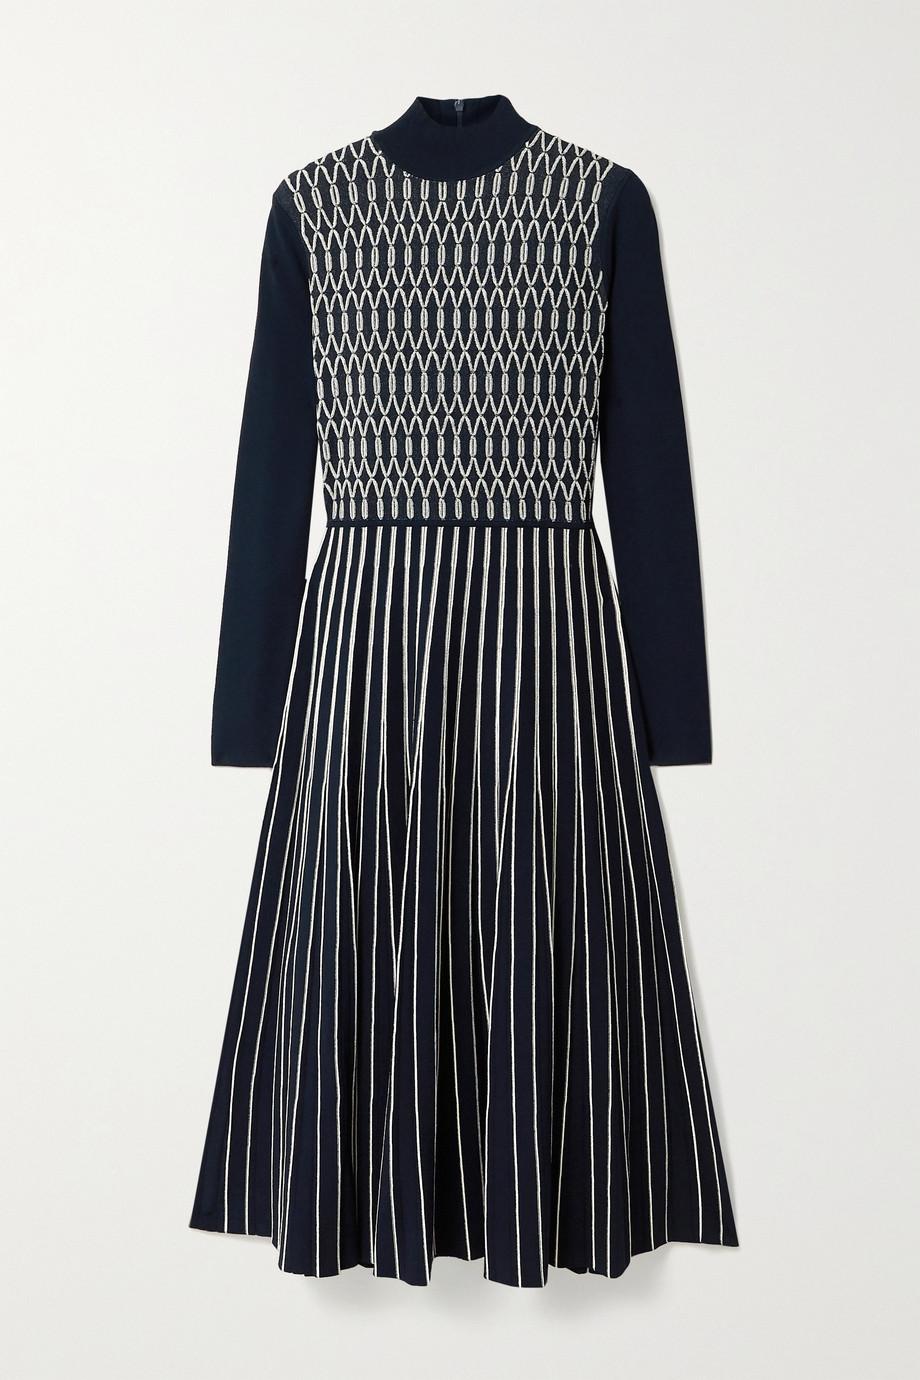 Tory Burch Pleated stretch jacquard-knit midi dress